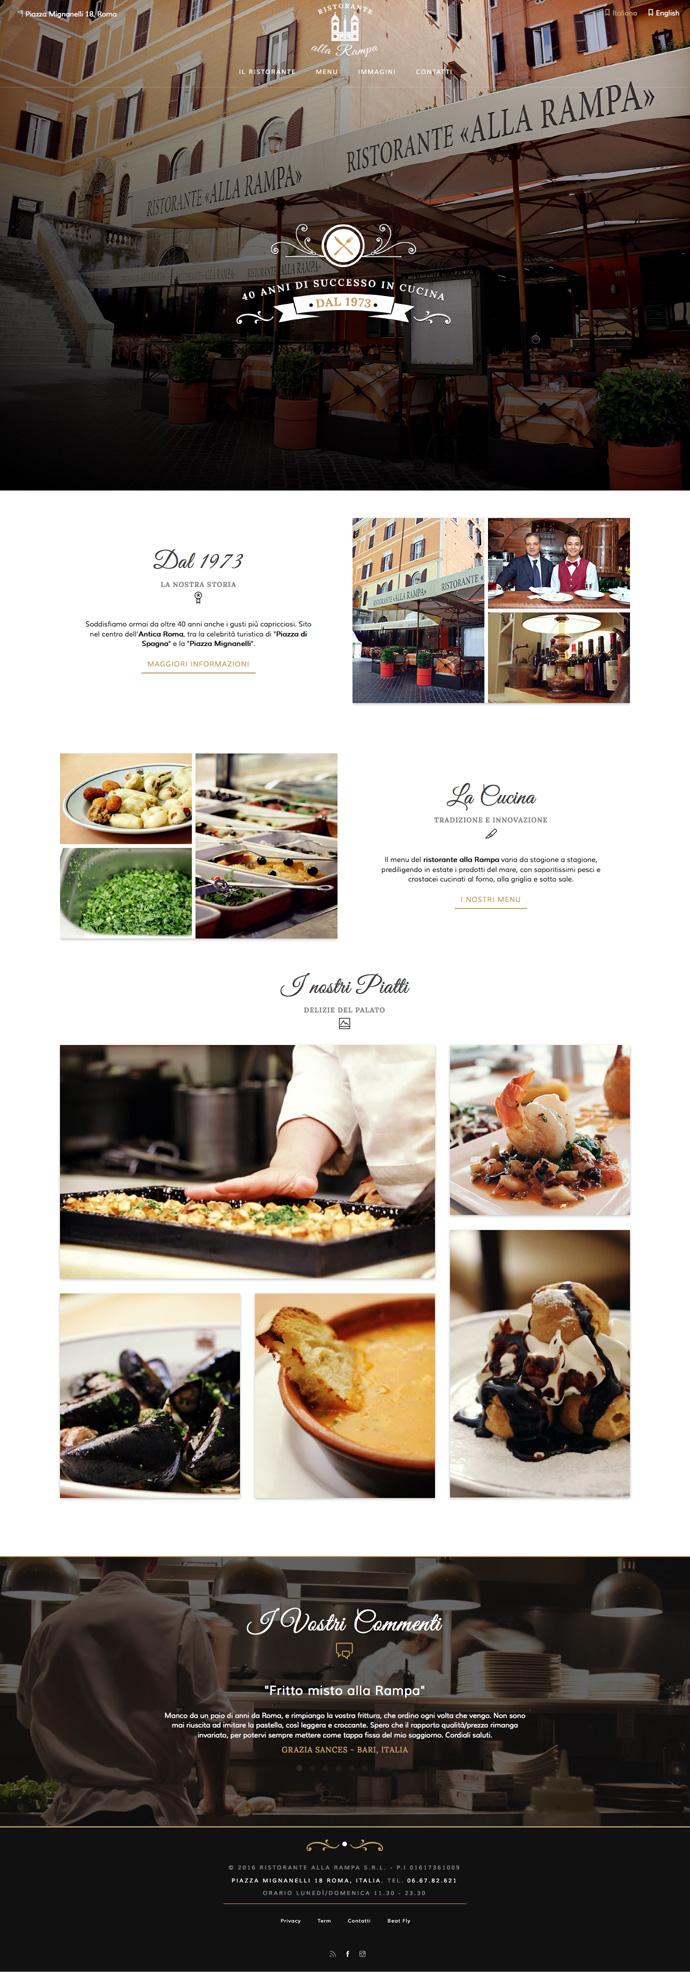 ristorante-alla-rampa-1